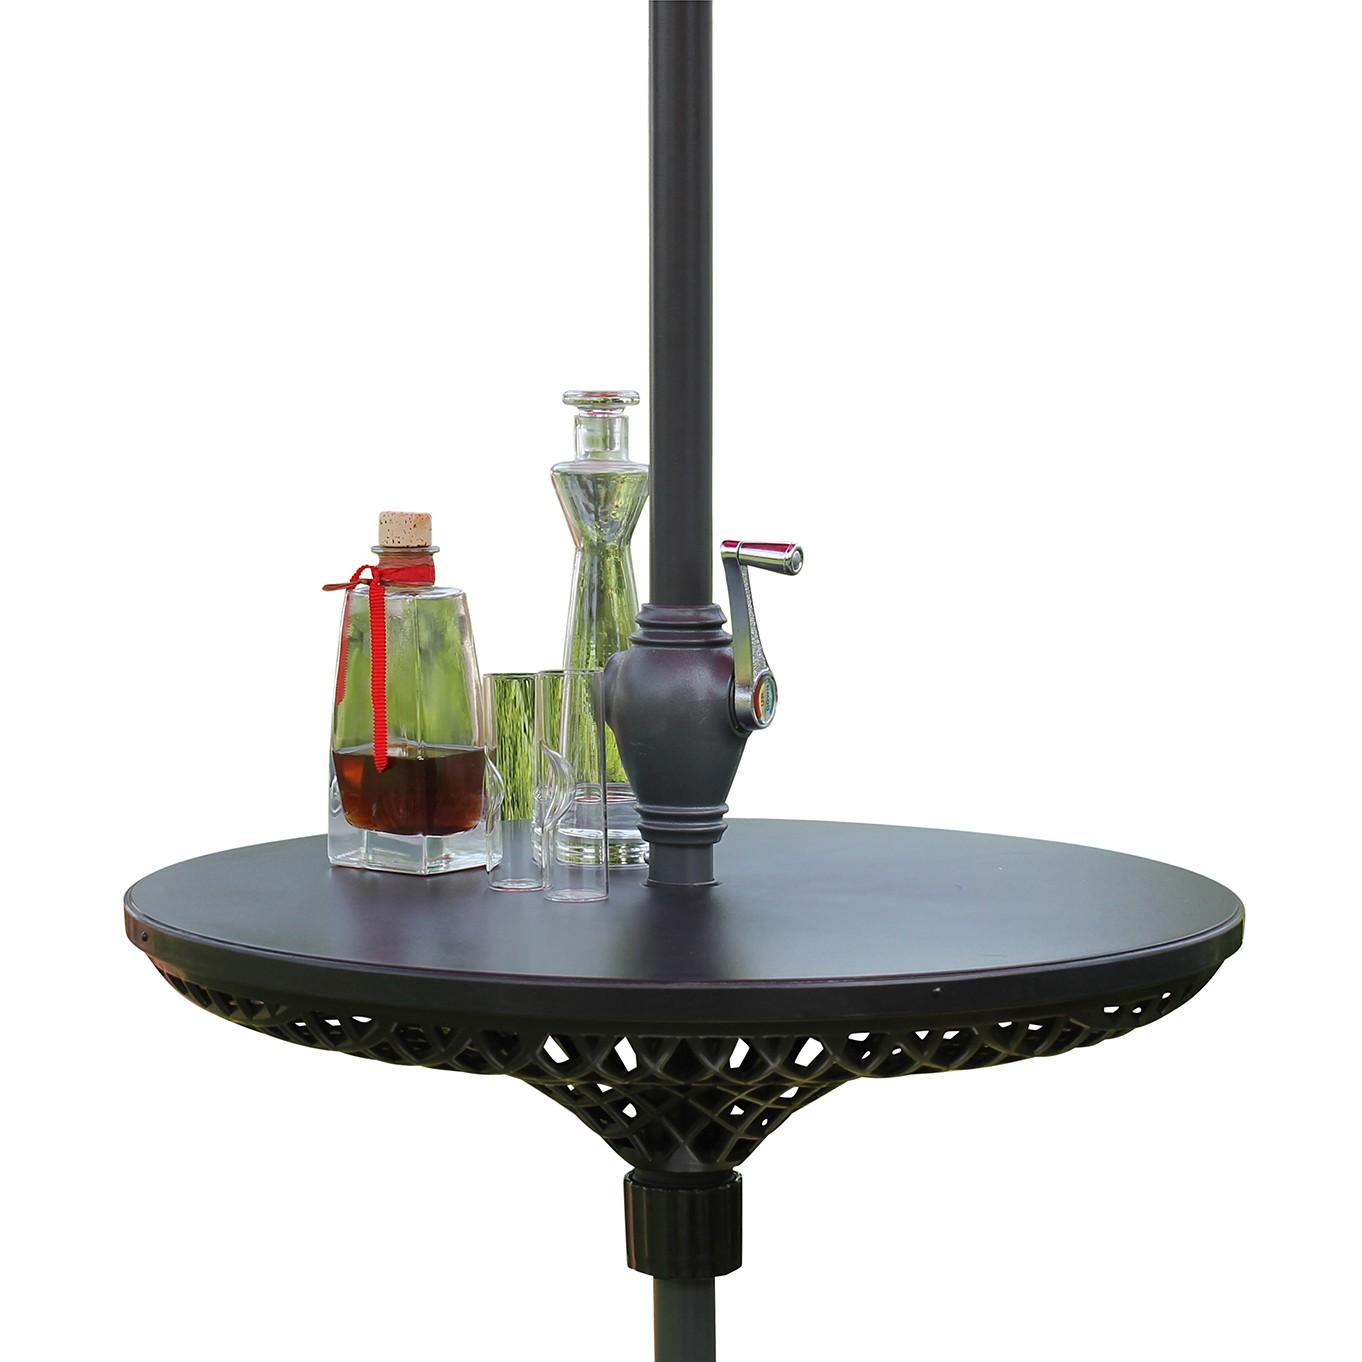 Image of Tavolino per ombrellone Mara - Materiale sintetico Color antracite, Leco